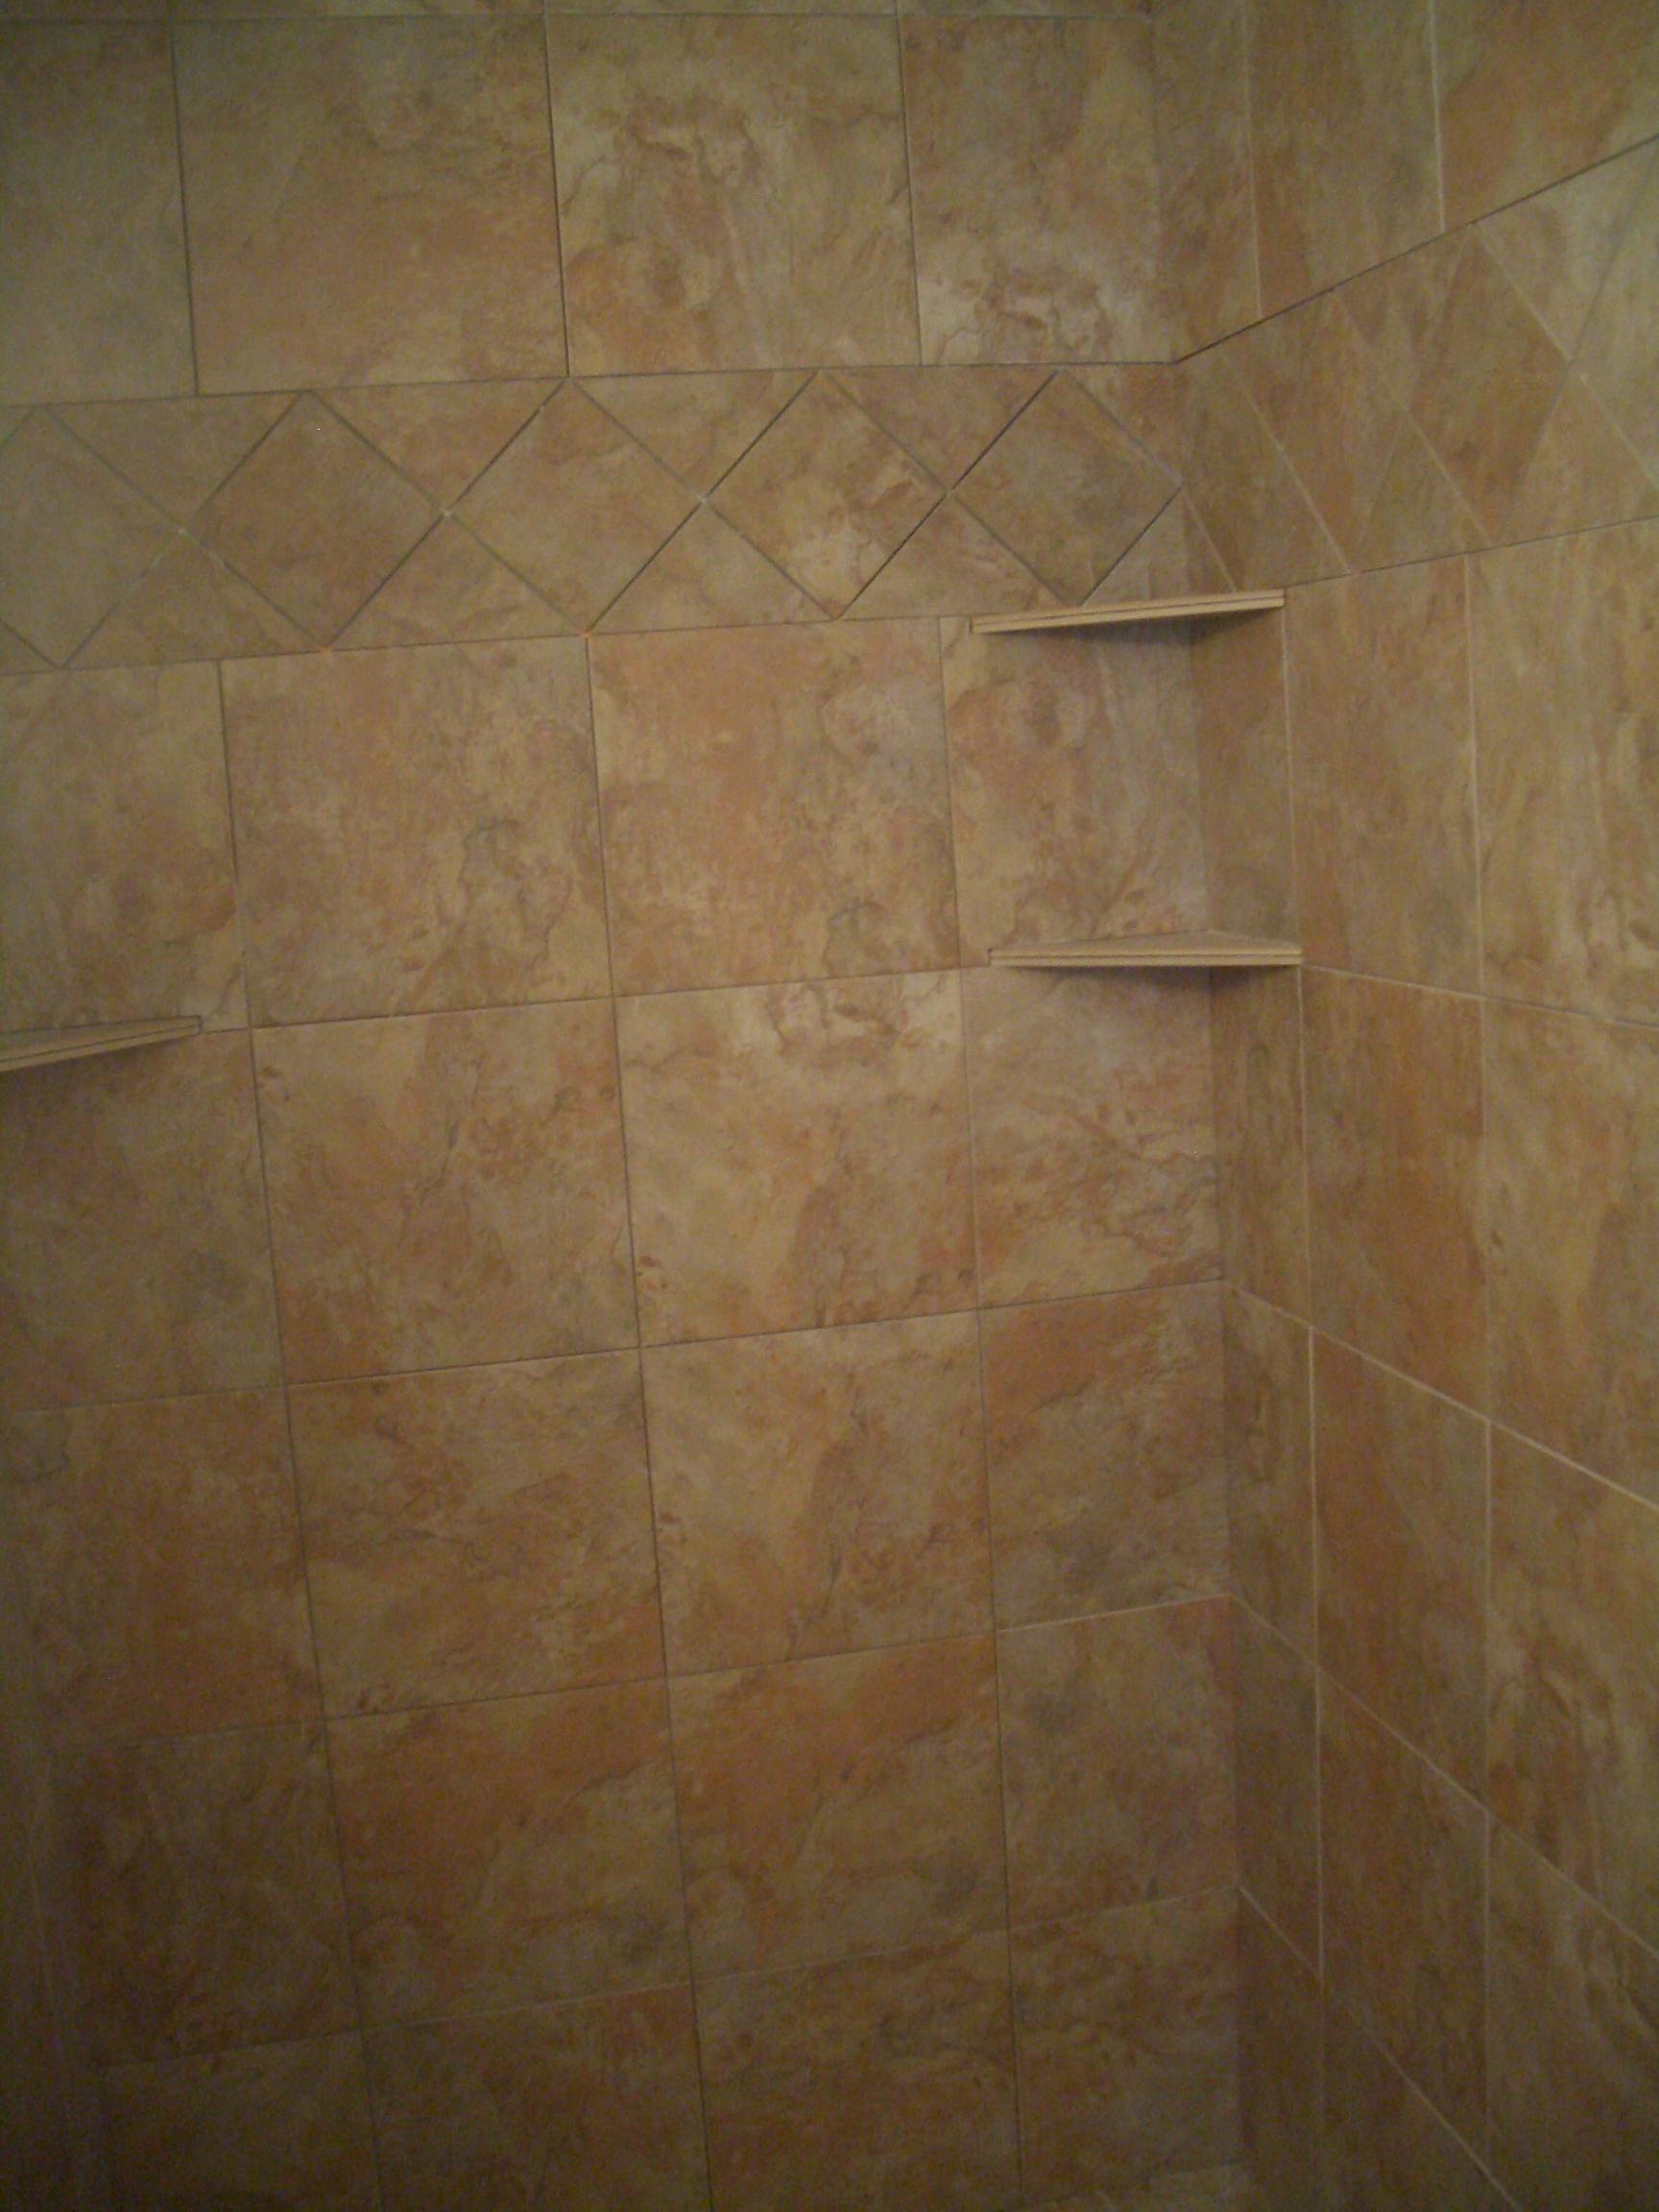 How To Build A Shower Shelf